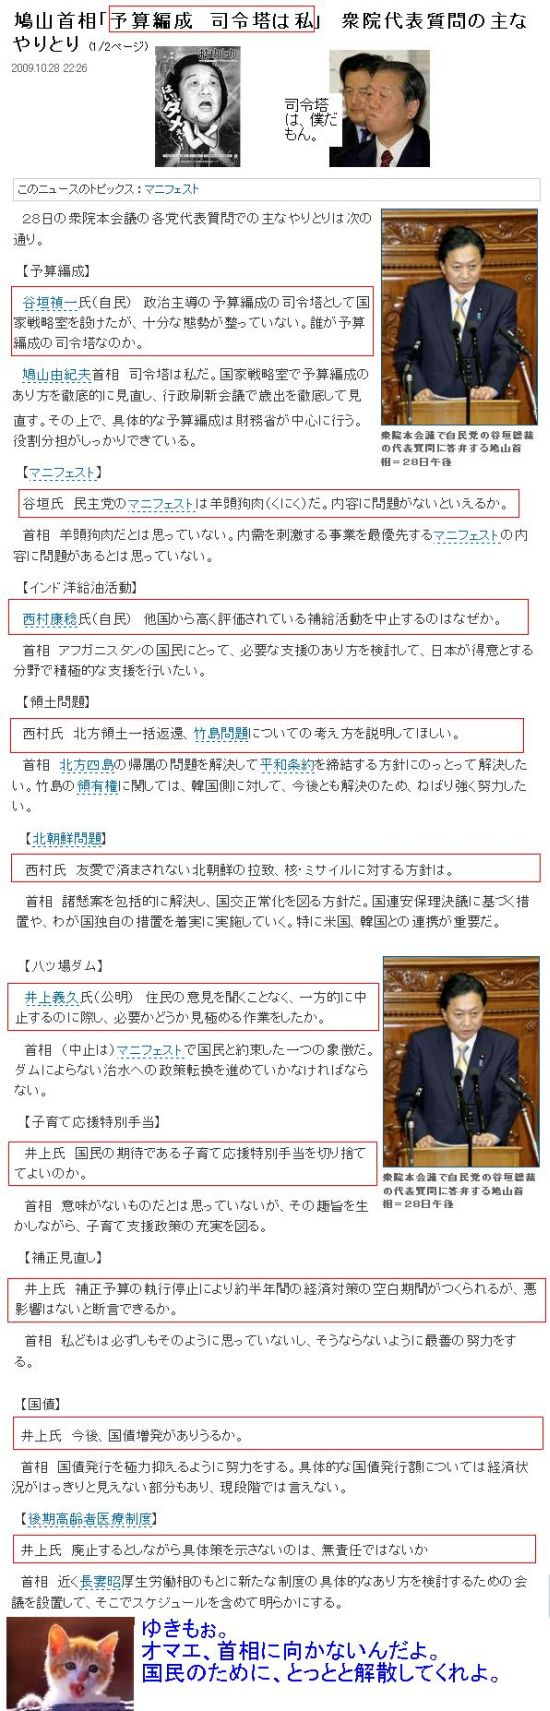 20091028HATOYABA1.jpg